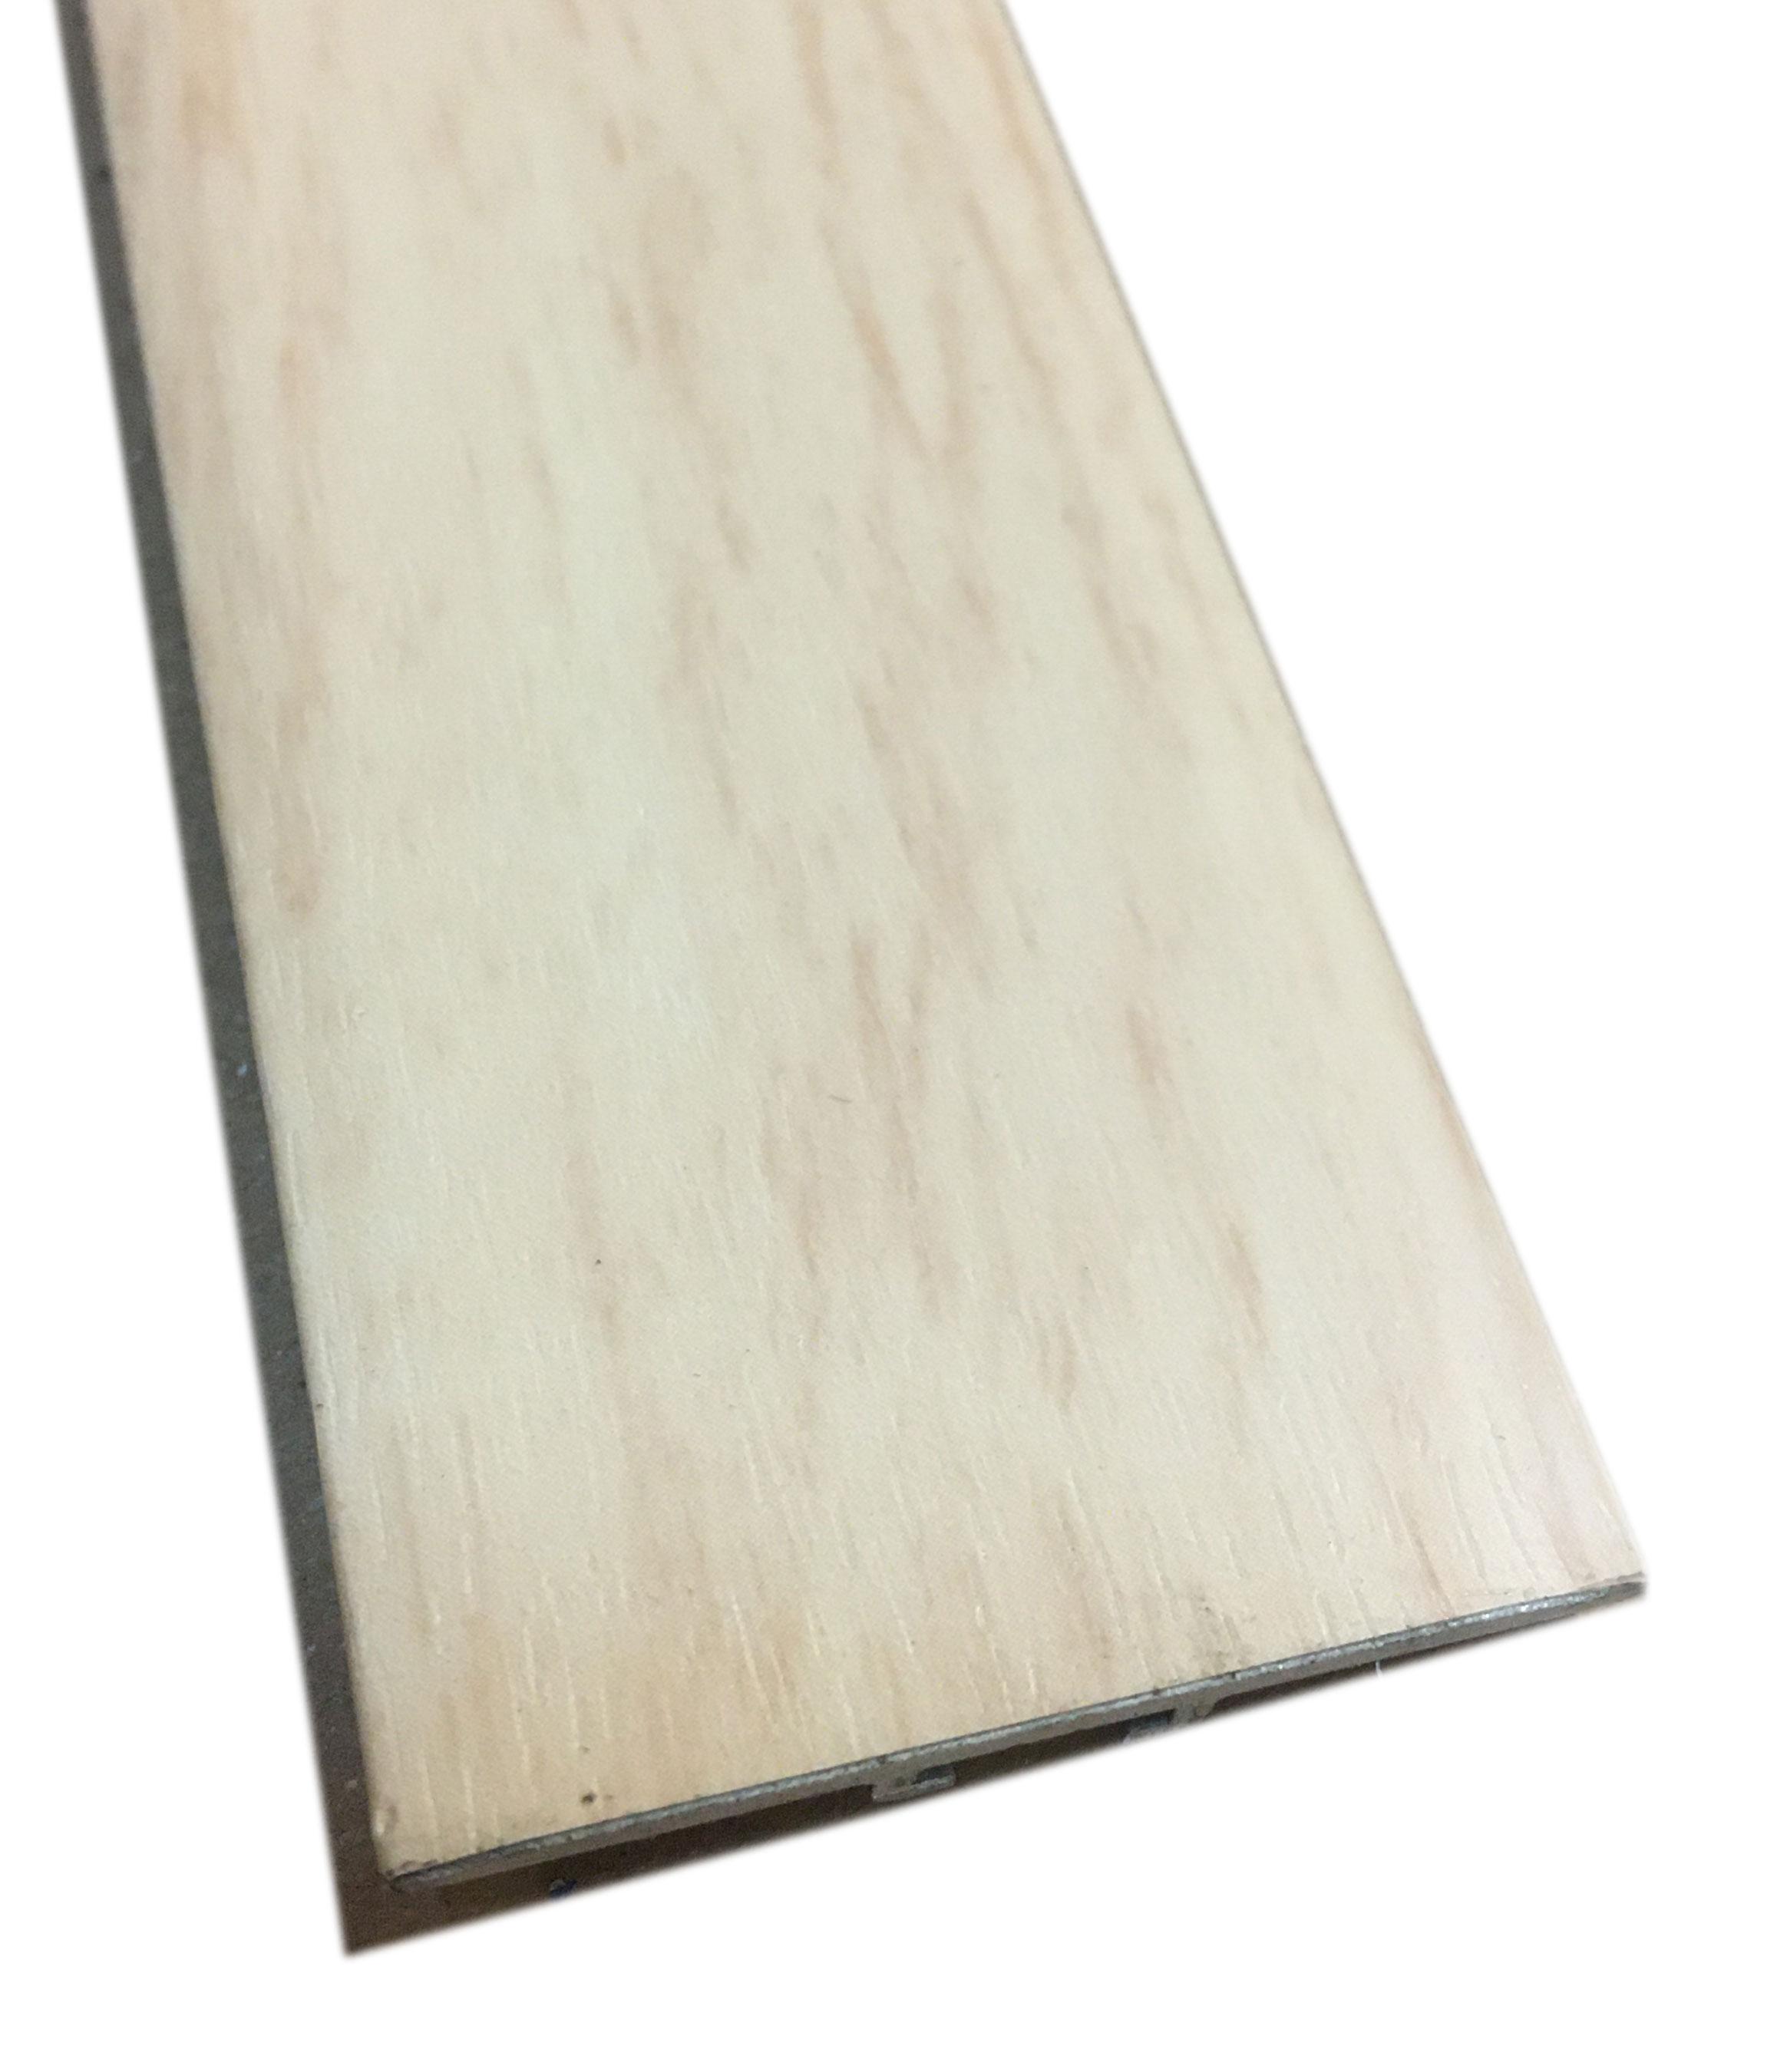 BARRE DE SEUIL ERABLE JONCTION PLATE 2.70ML (65825) 4cm